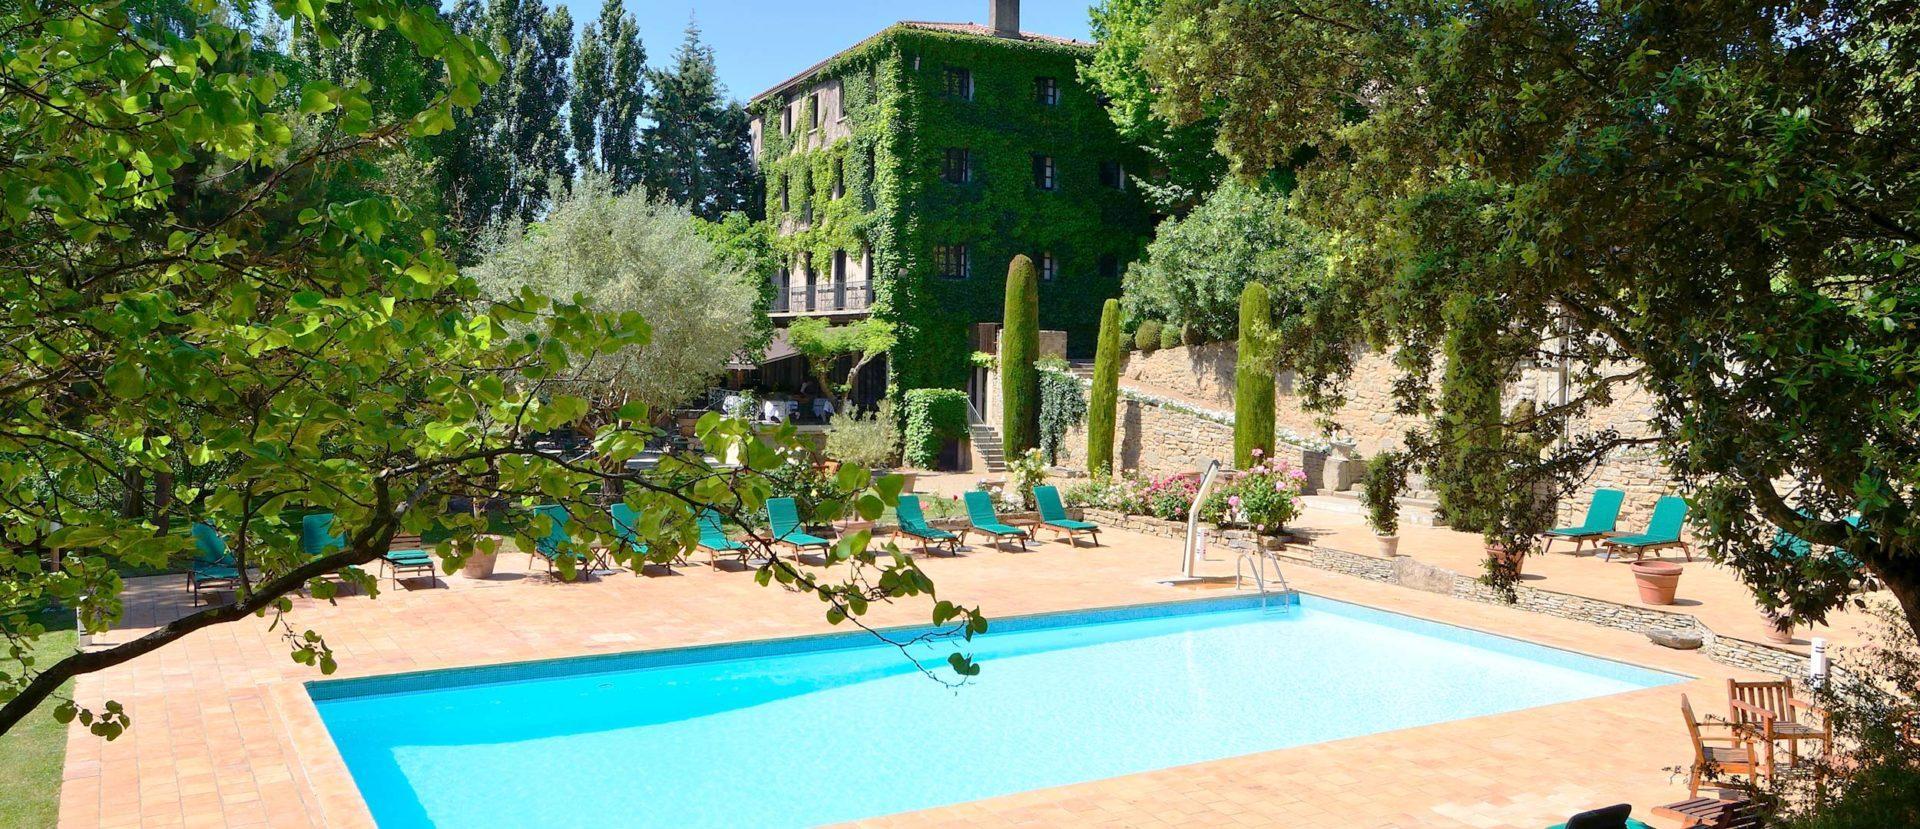 domaine-d-auriac-carcassonne-occitanie-seminaires-de-caractere-piscine